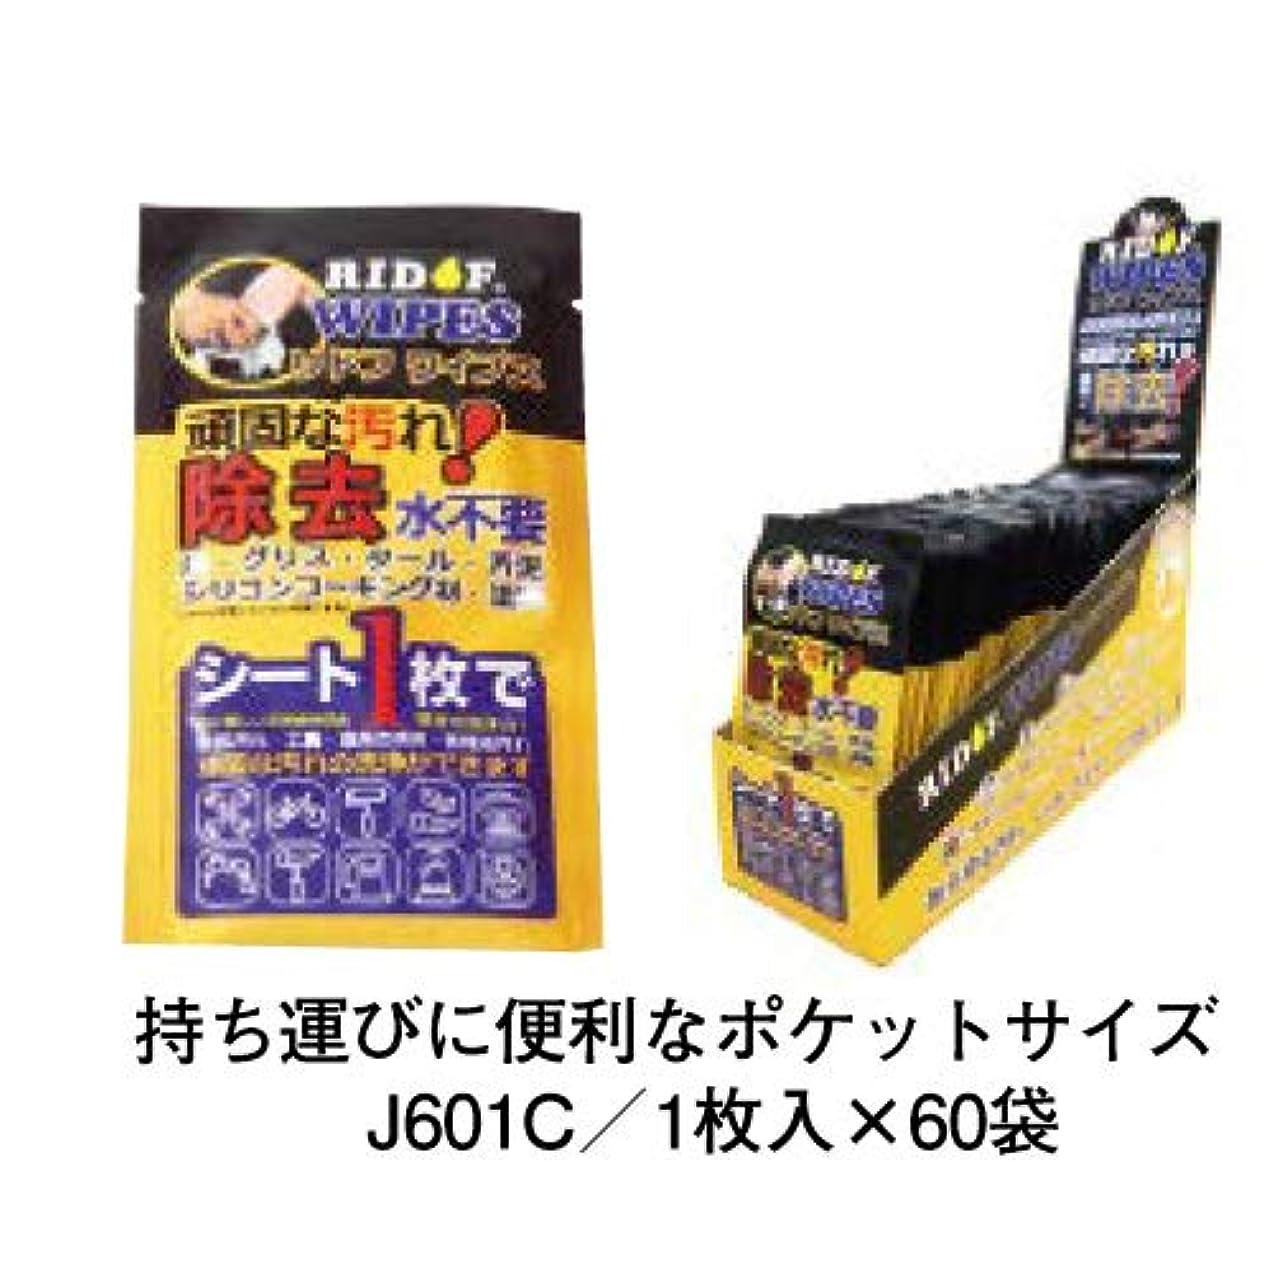 暗殺者エアコン形状リドフワイプス ポケットタイプ/1枚入×60袋 J601C